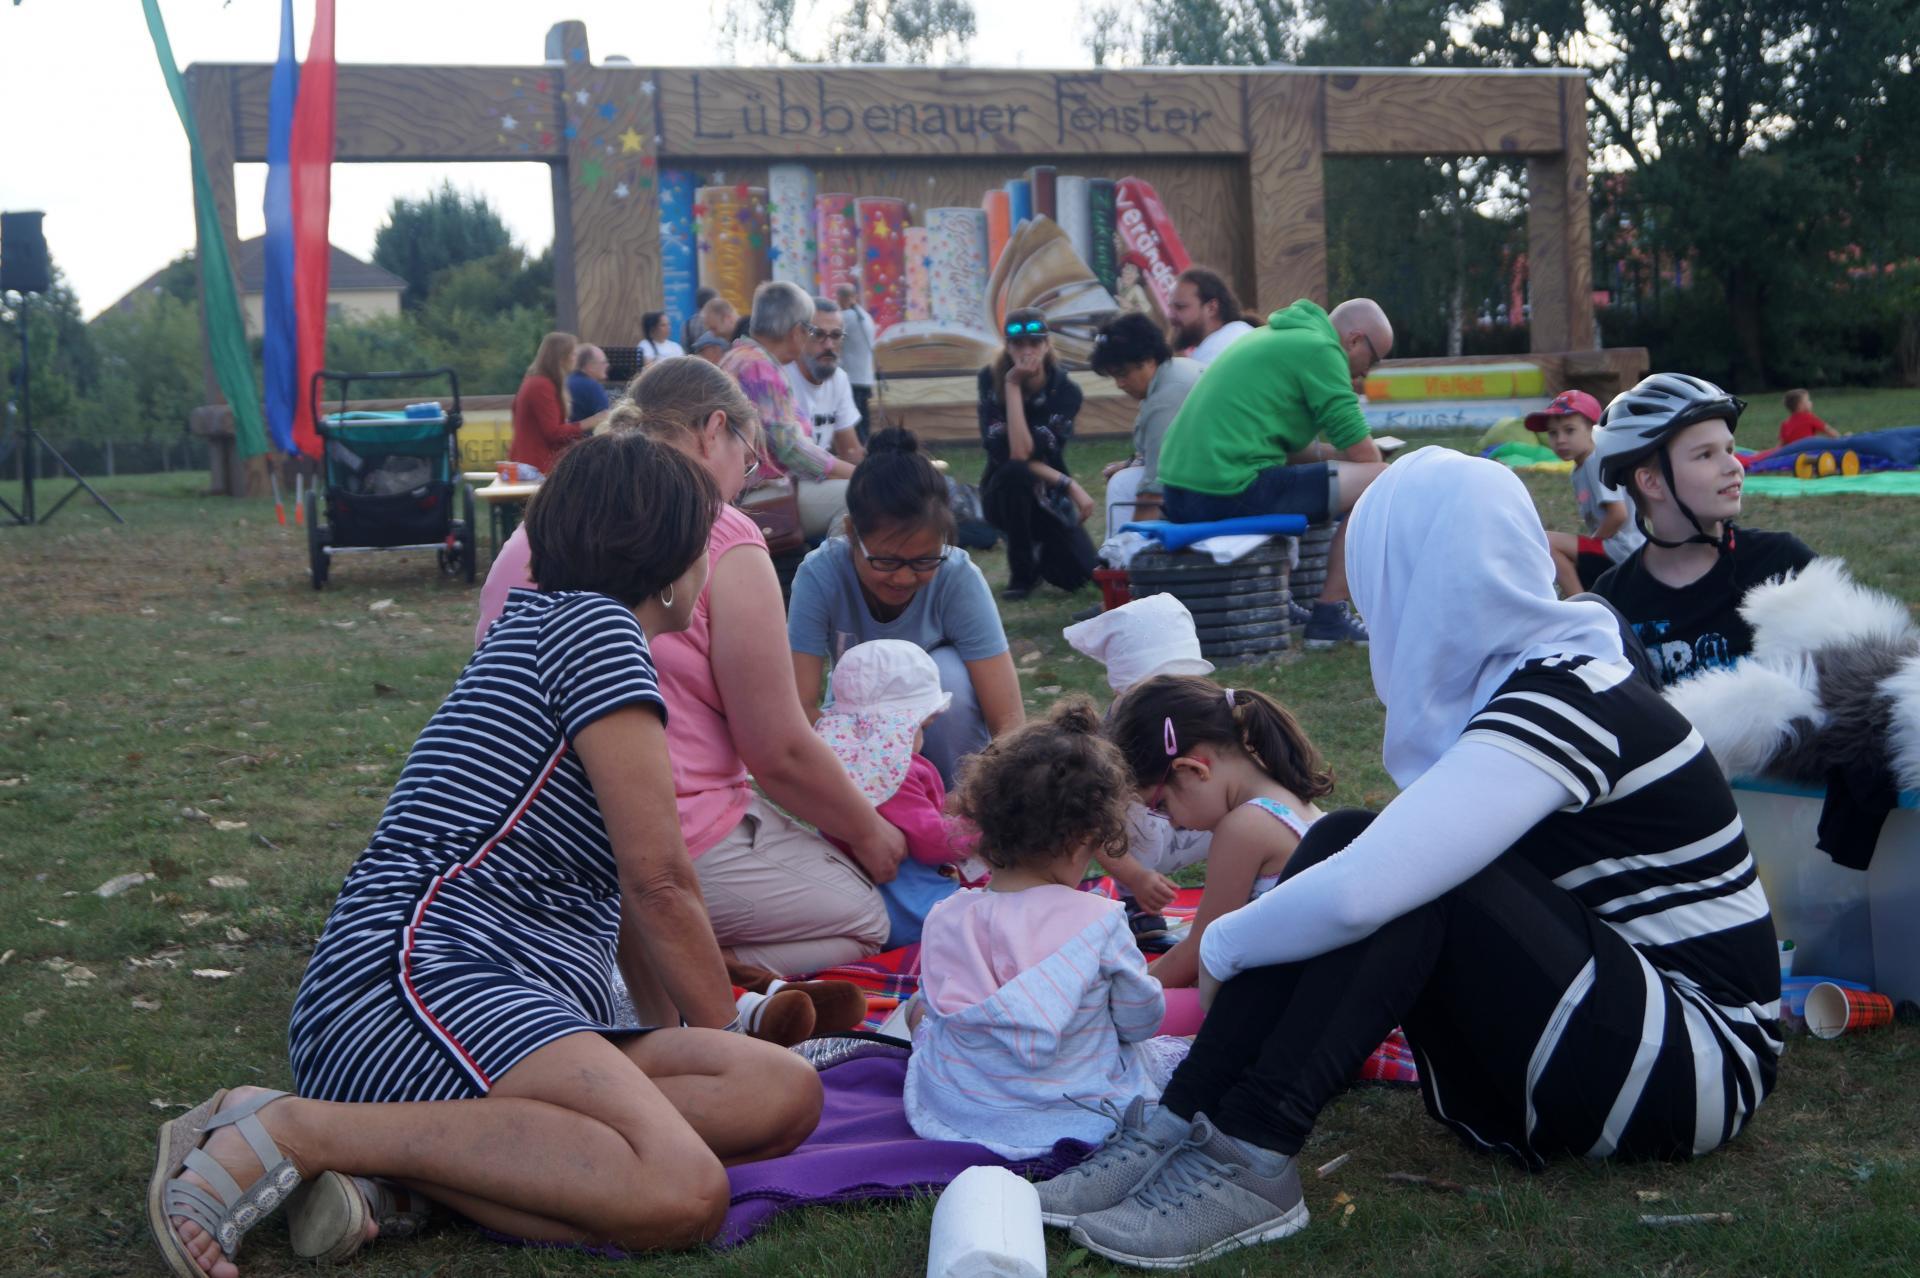 Interkulturelles Picknick zur Eröffnung des Lübbenauer Fensters, Quelle: Lübbenaubrücke